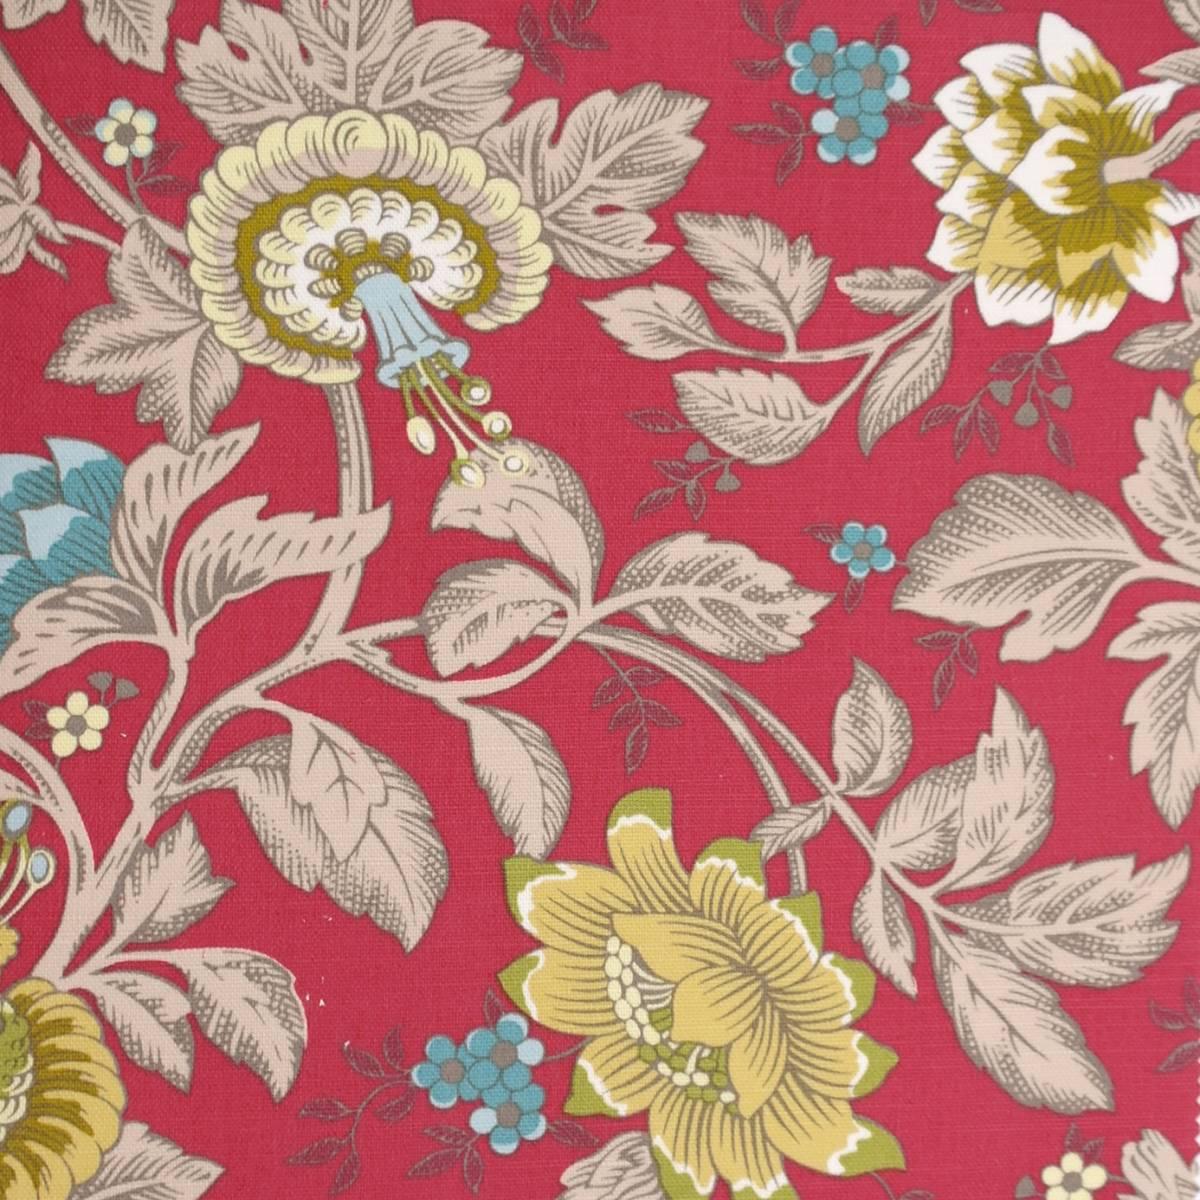 Tonquin Print Fabric 4 (TONQUINPRINT4)